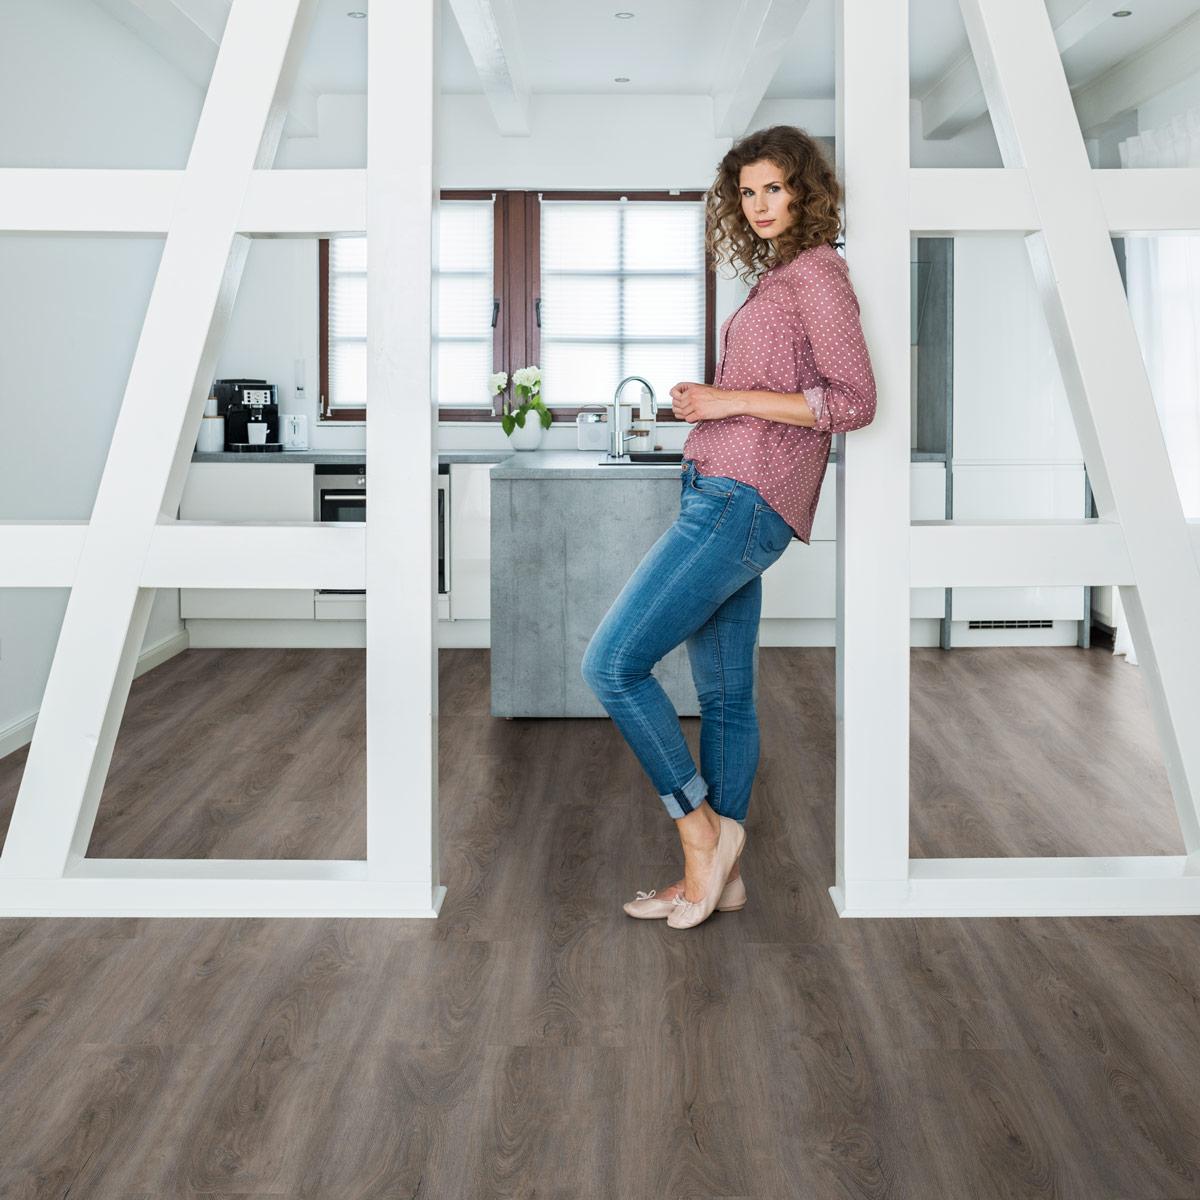 wineo Bodenbelag in der Küche mit einer Frau und Querbalken